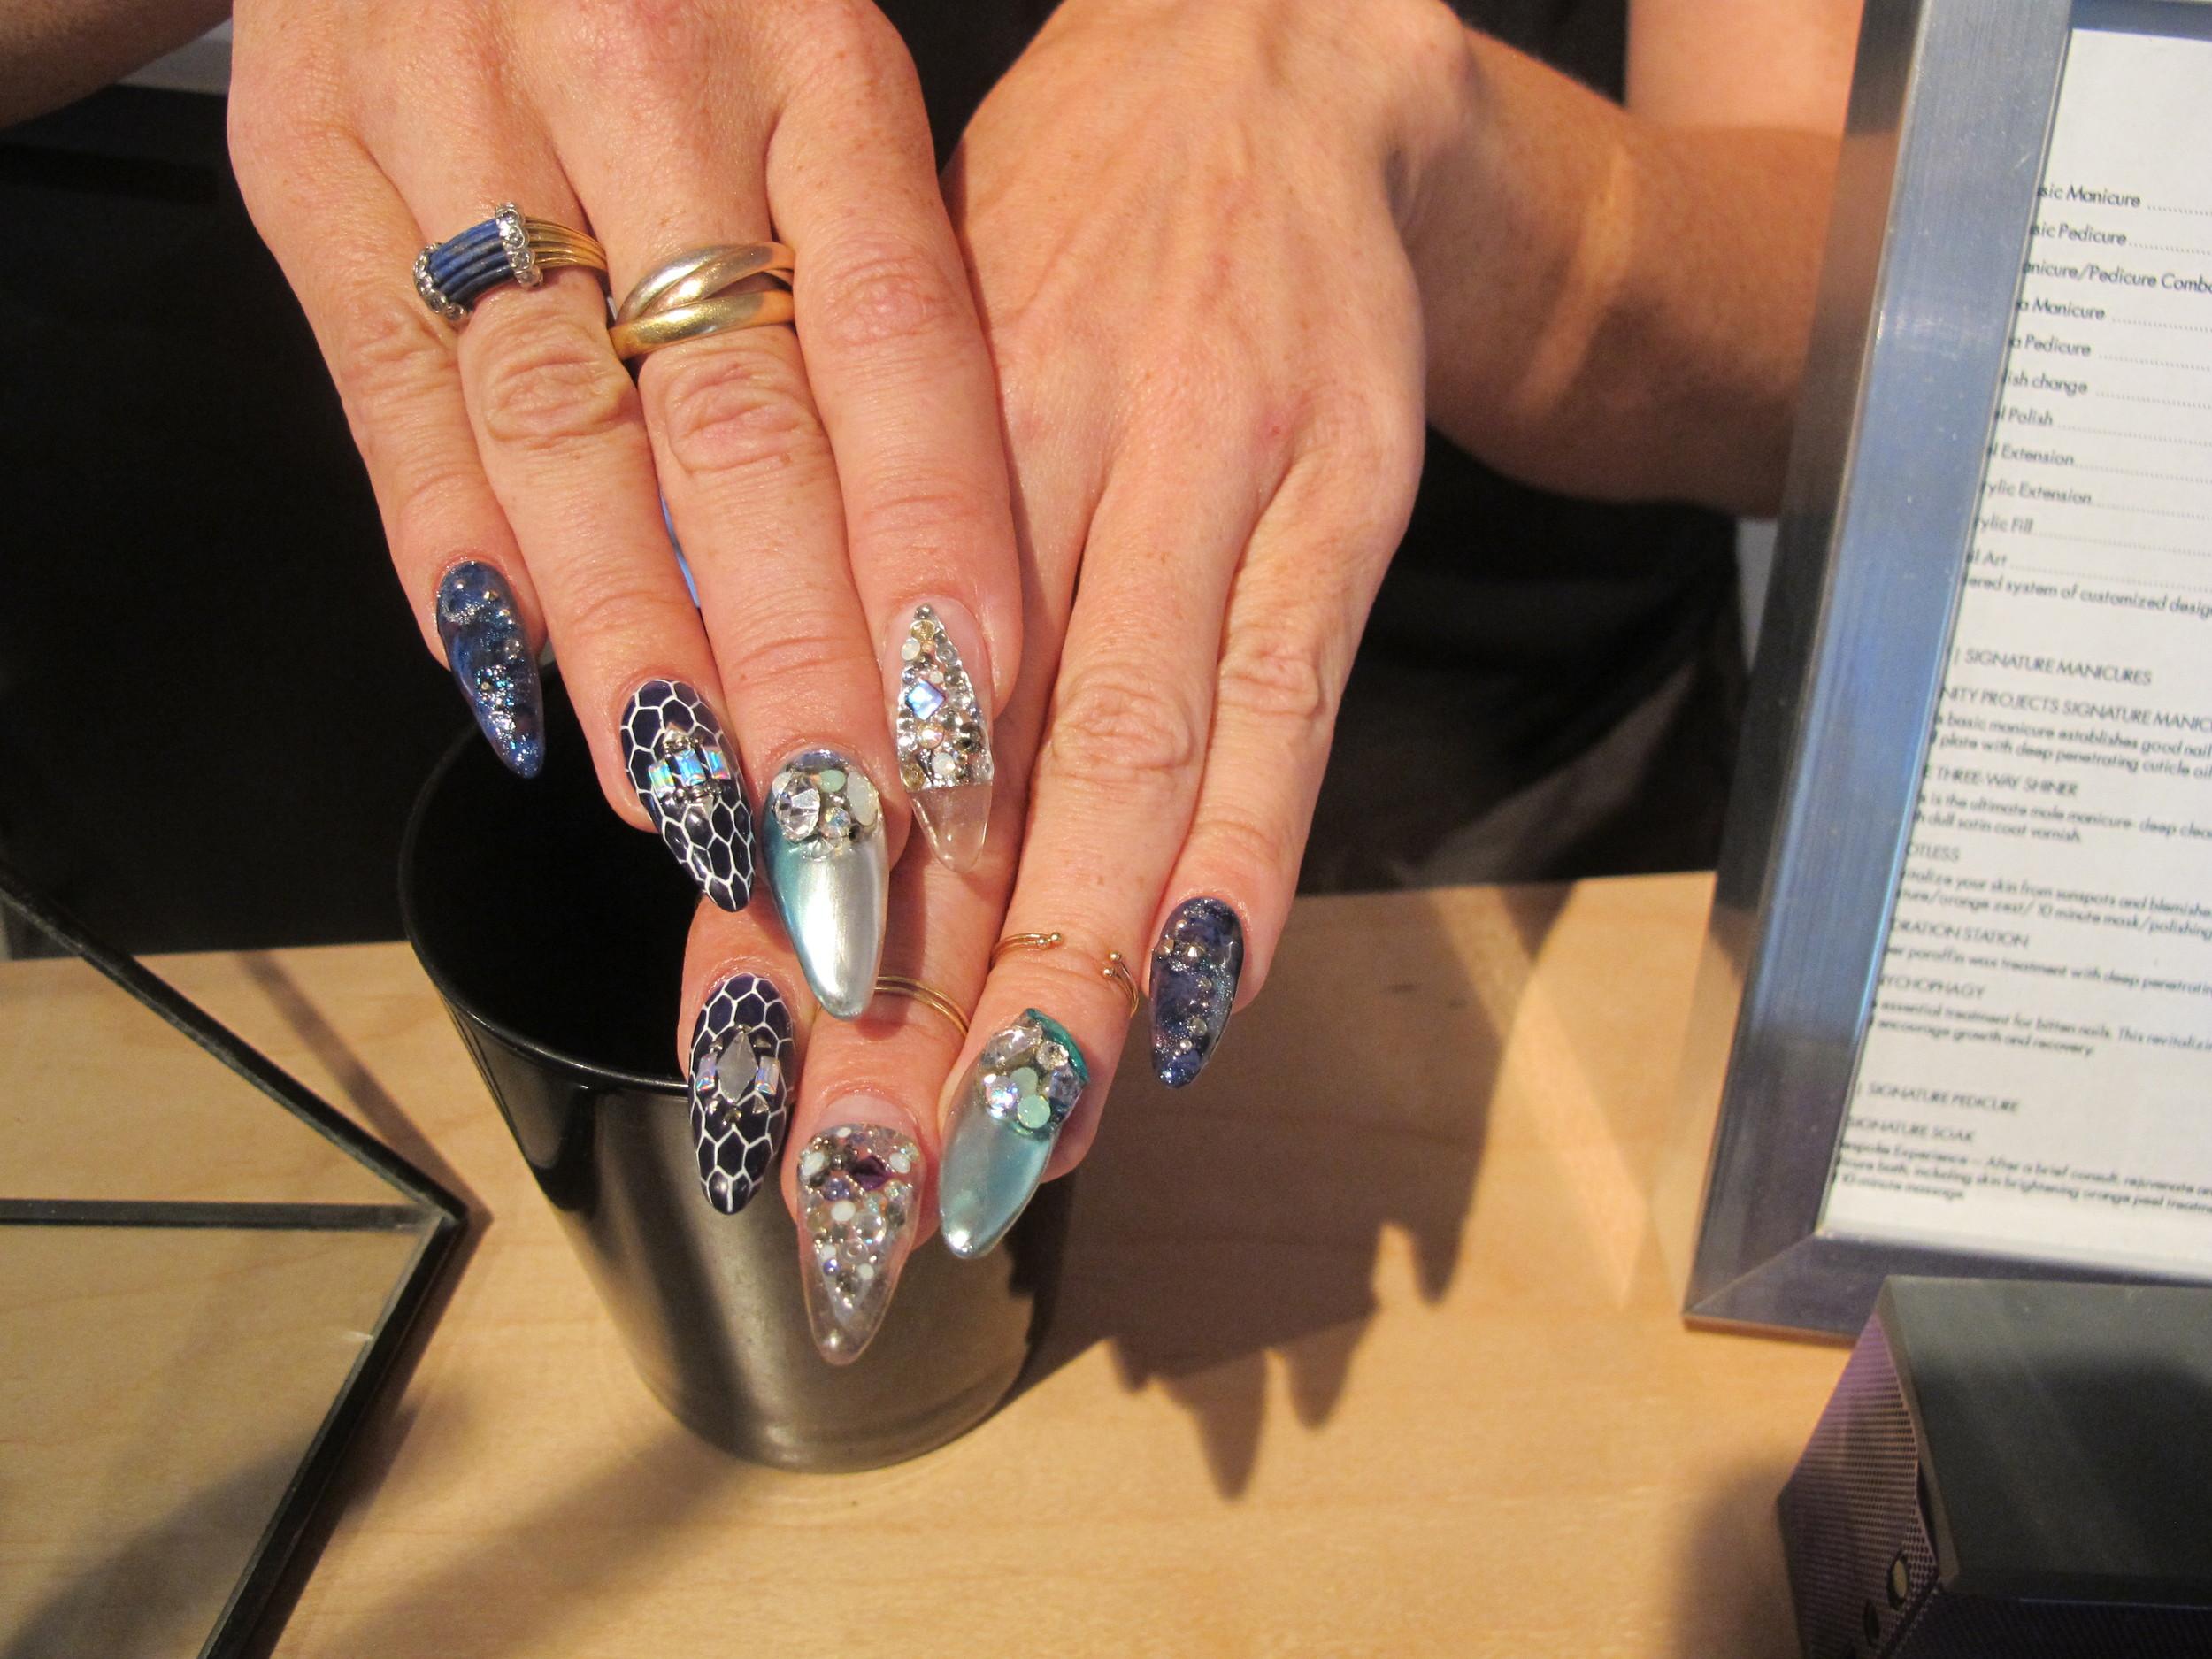 Rita's nails